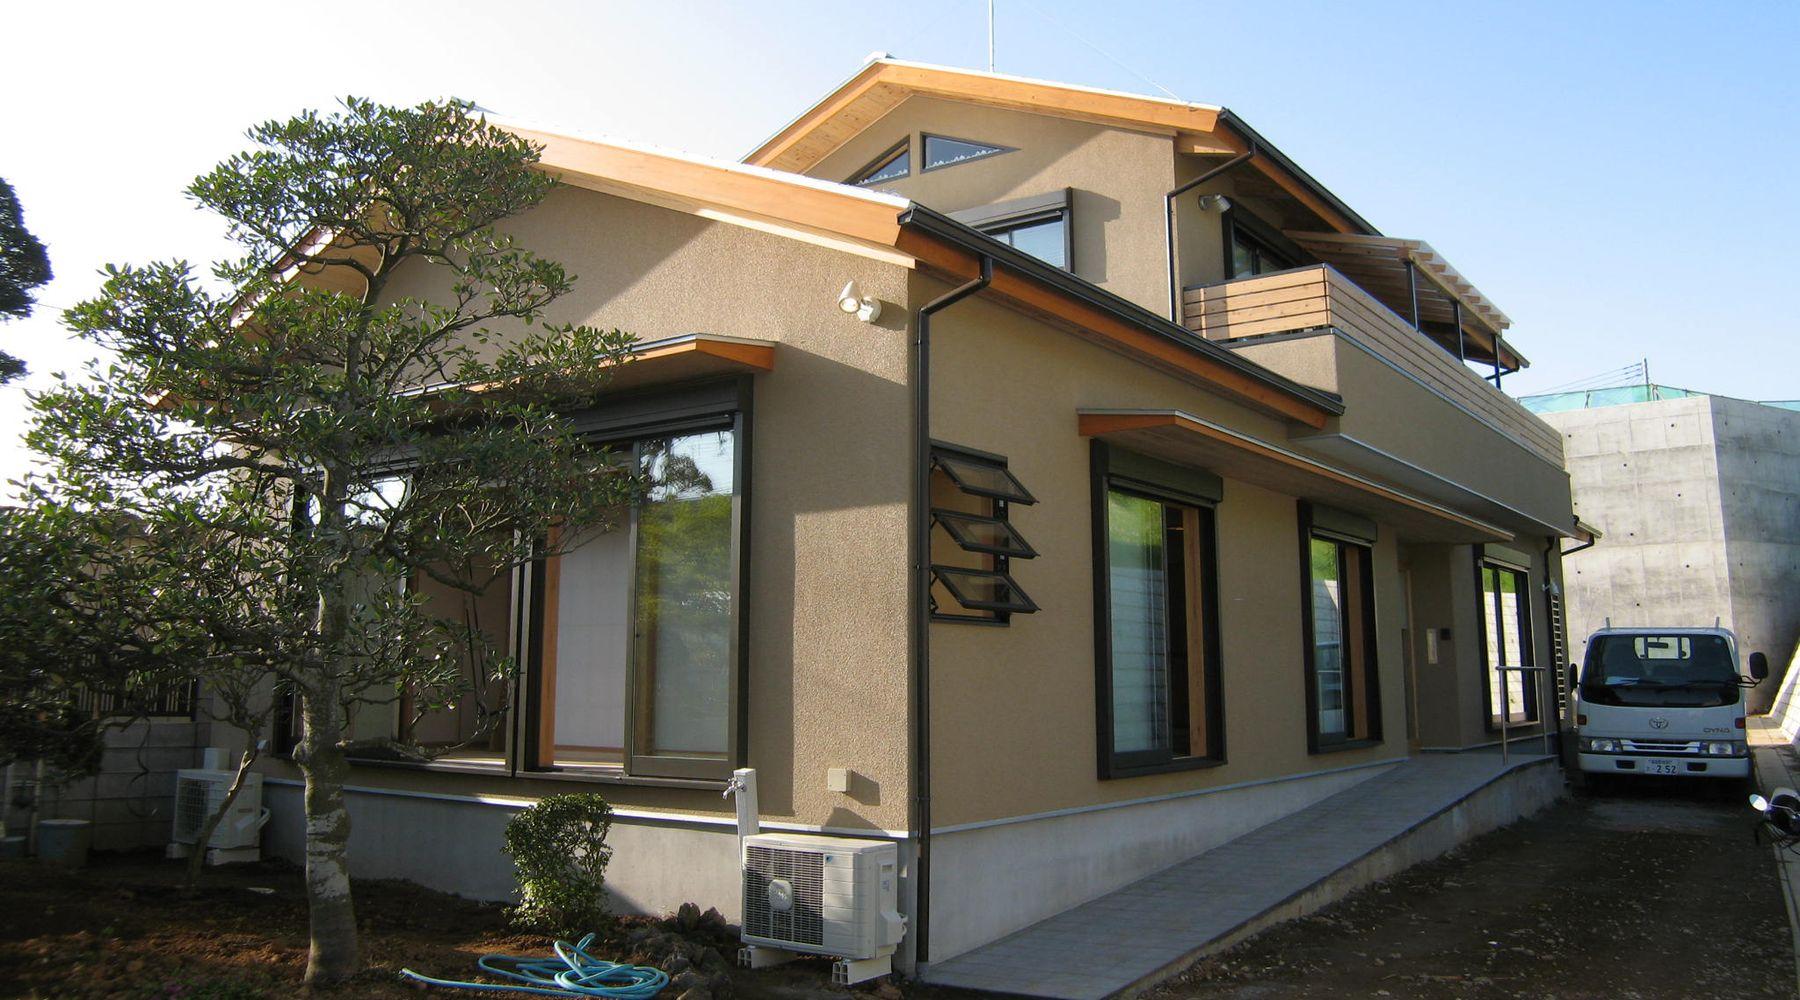 住宅建築は総合芸術の様なもの